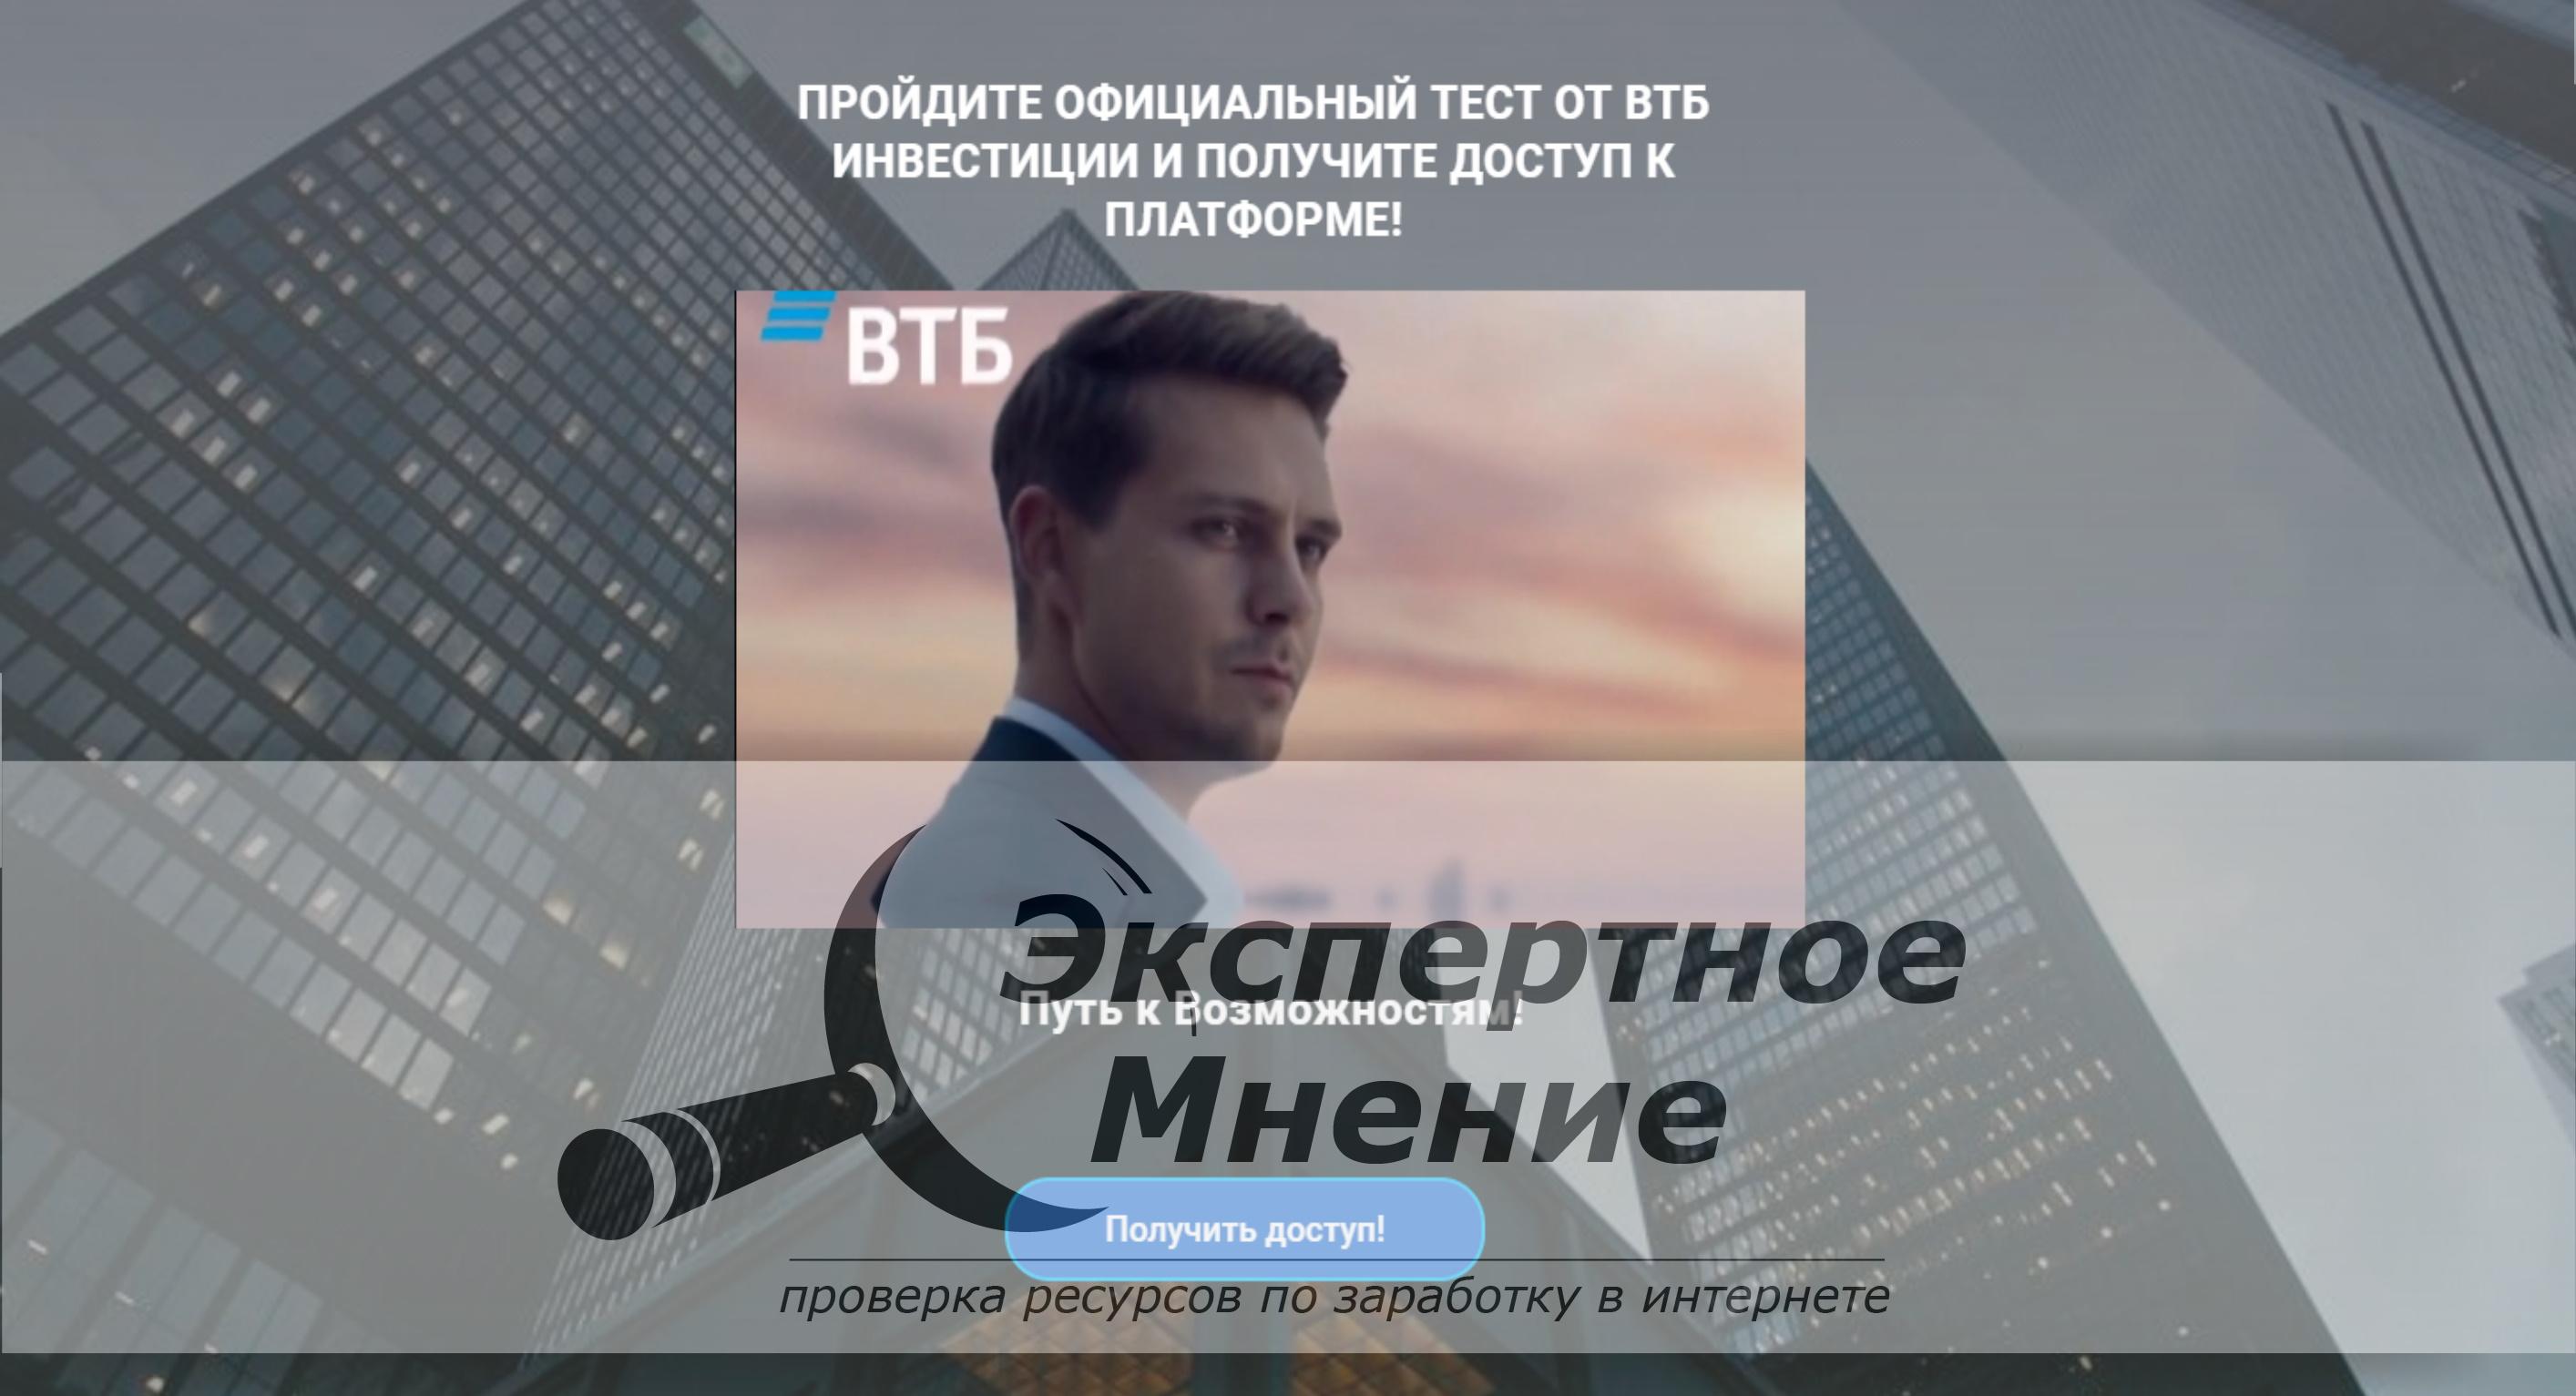 инвестиции тест от ВТБ отзывы